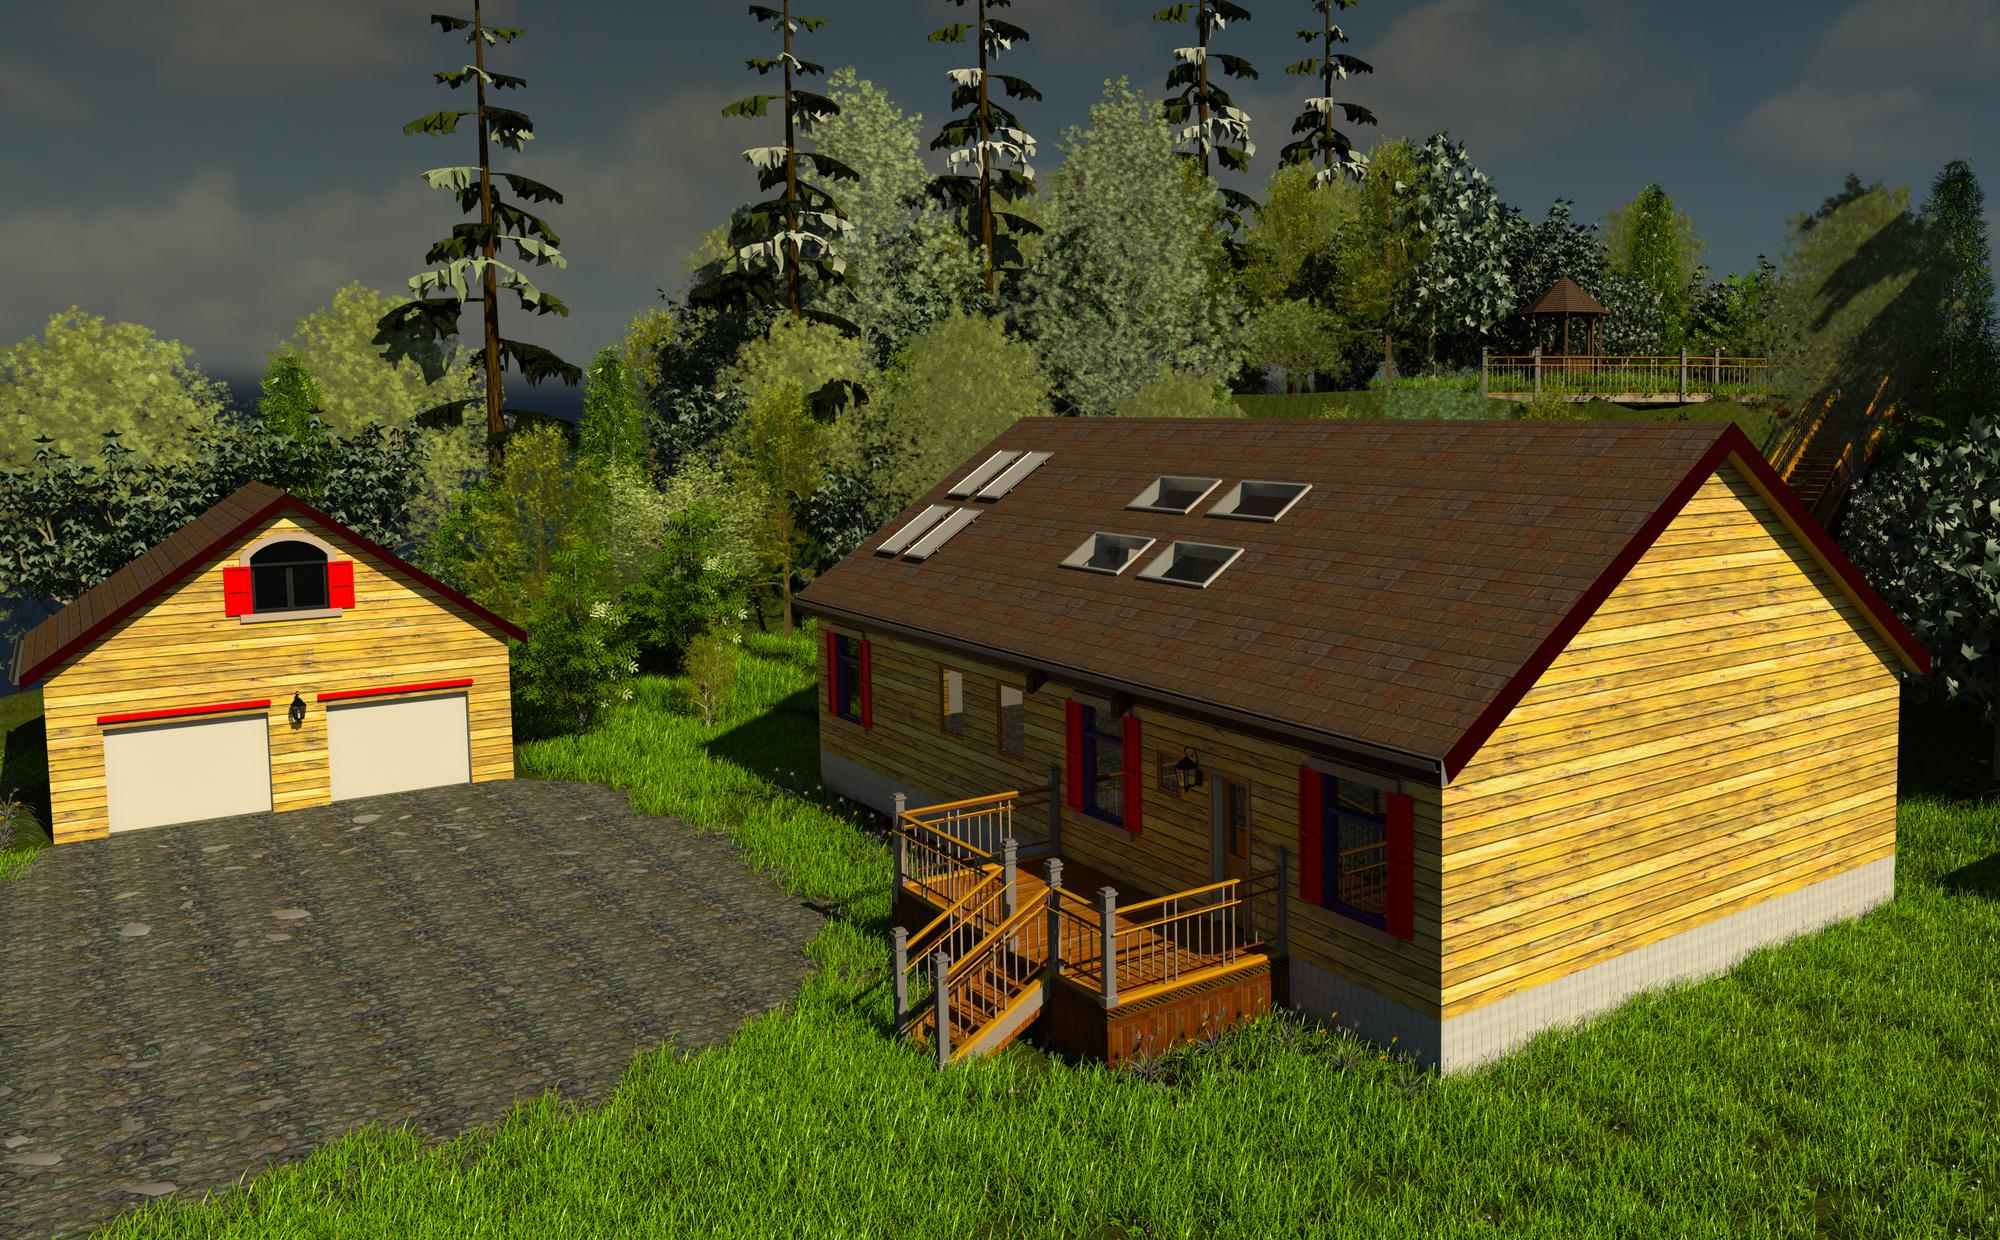 Raas-rendering20150402-3450-1vuqyr7